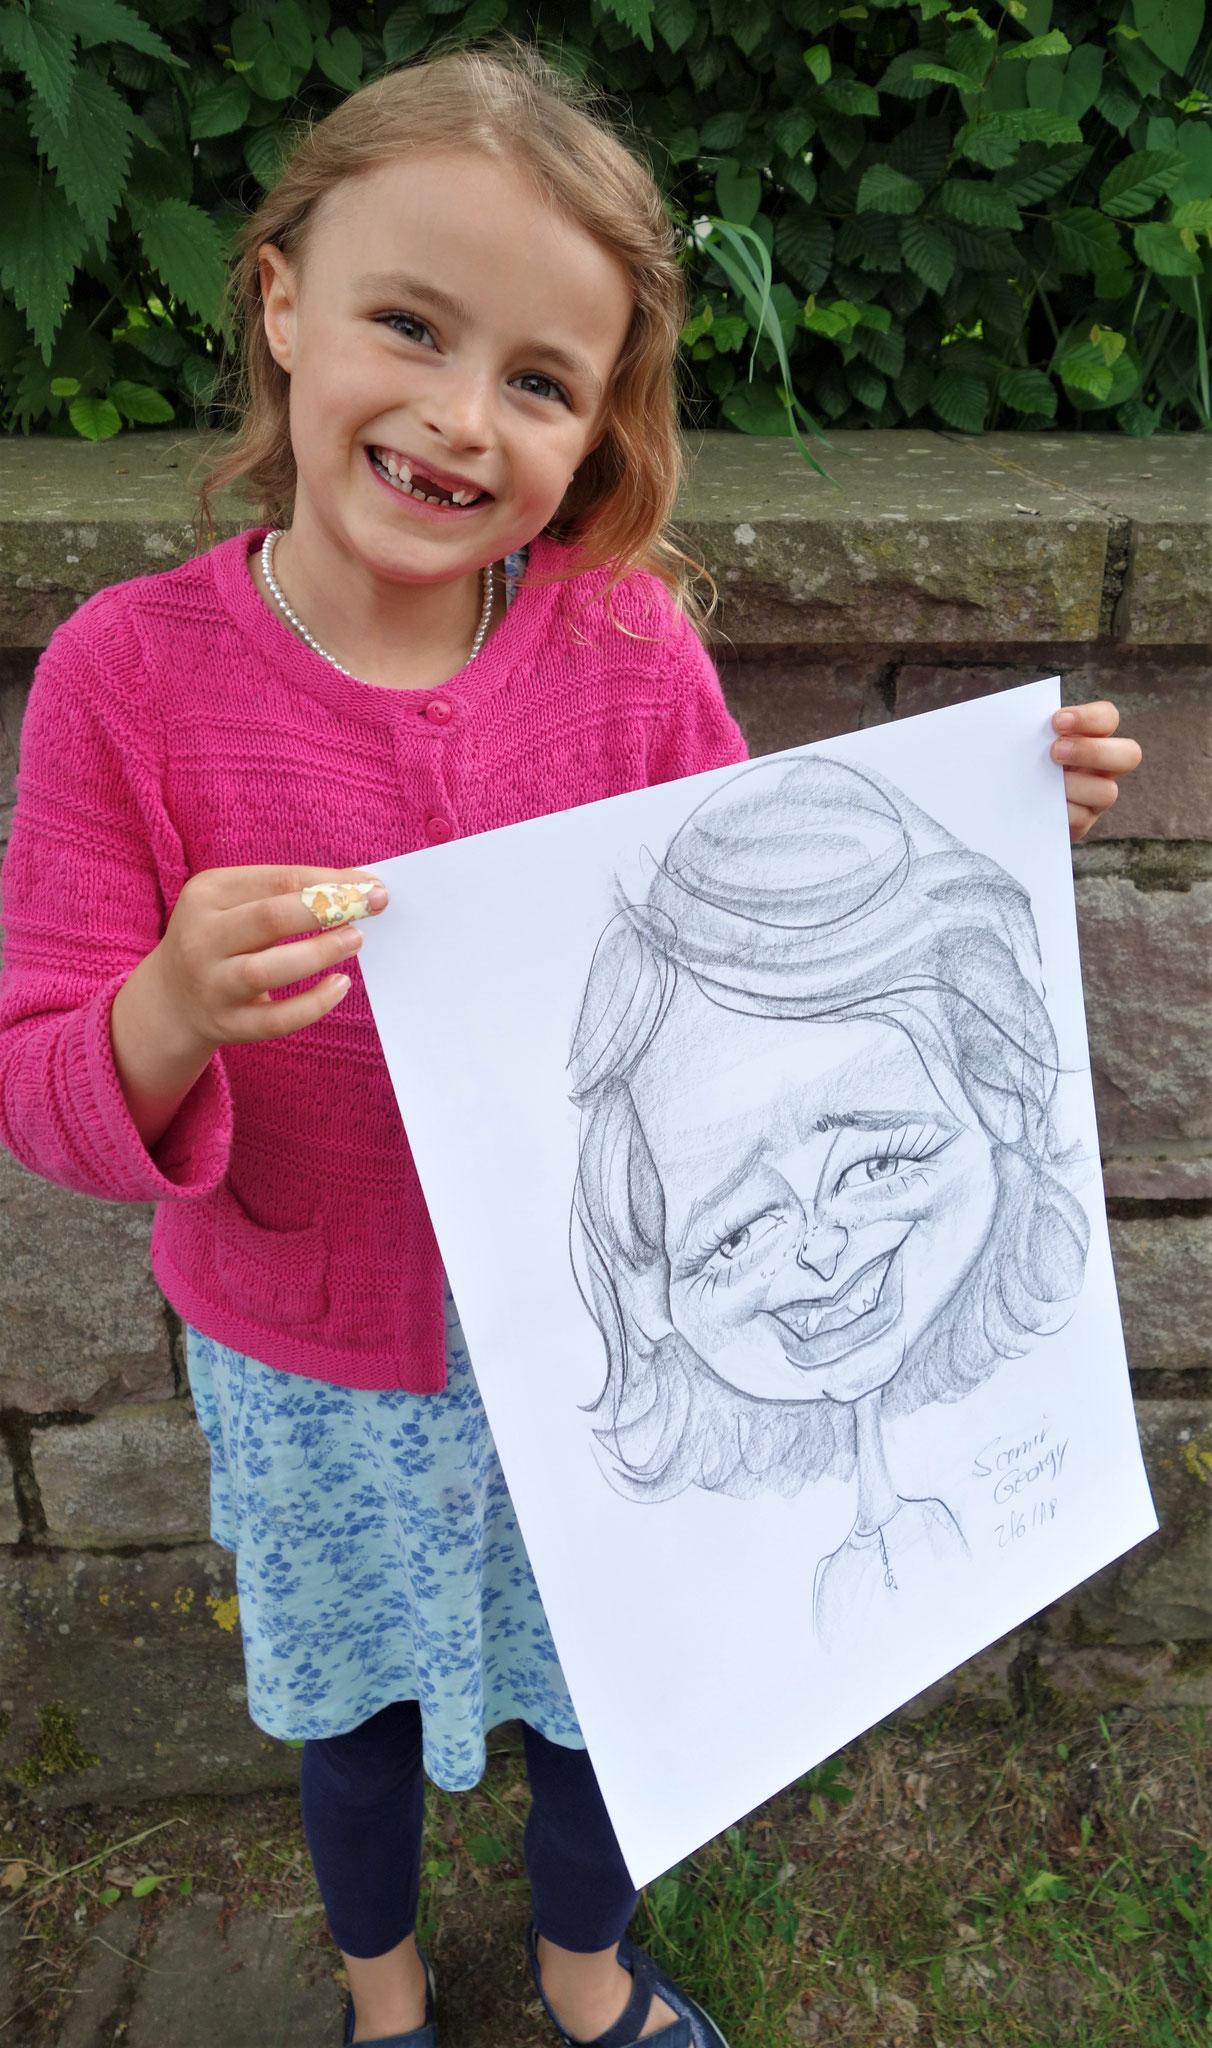 Weiterhin malte Samir Georgy Karikaturen von den Kleinsten. Foto: Jennifer Peppler